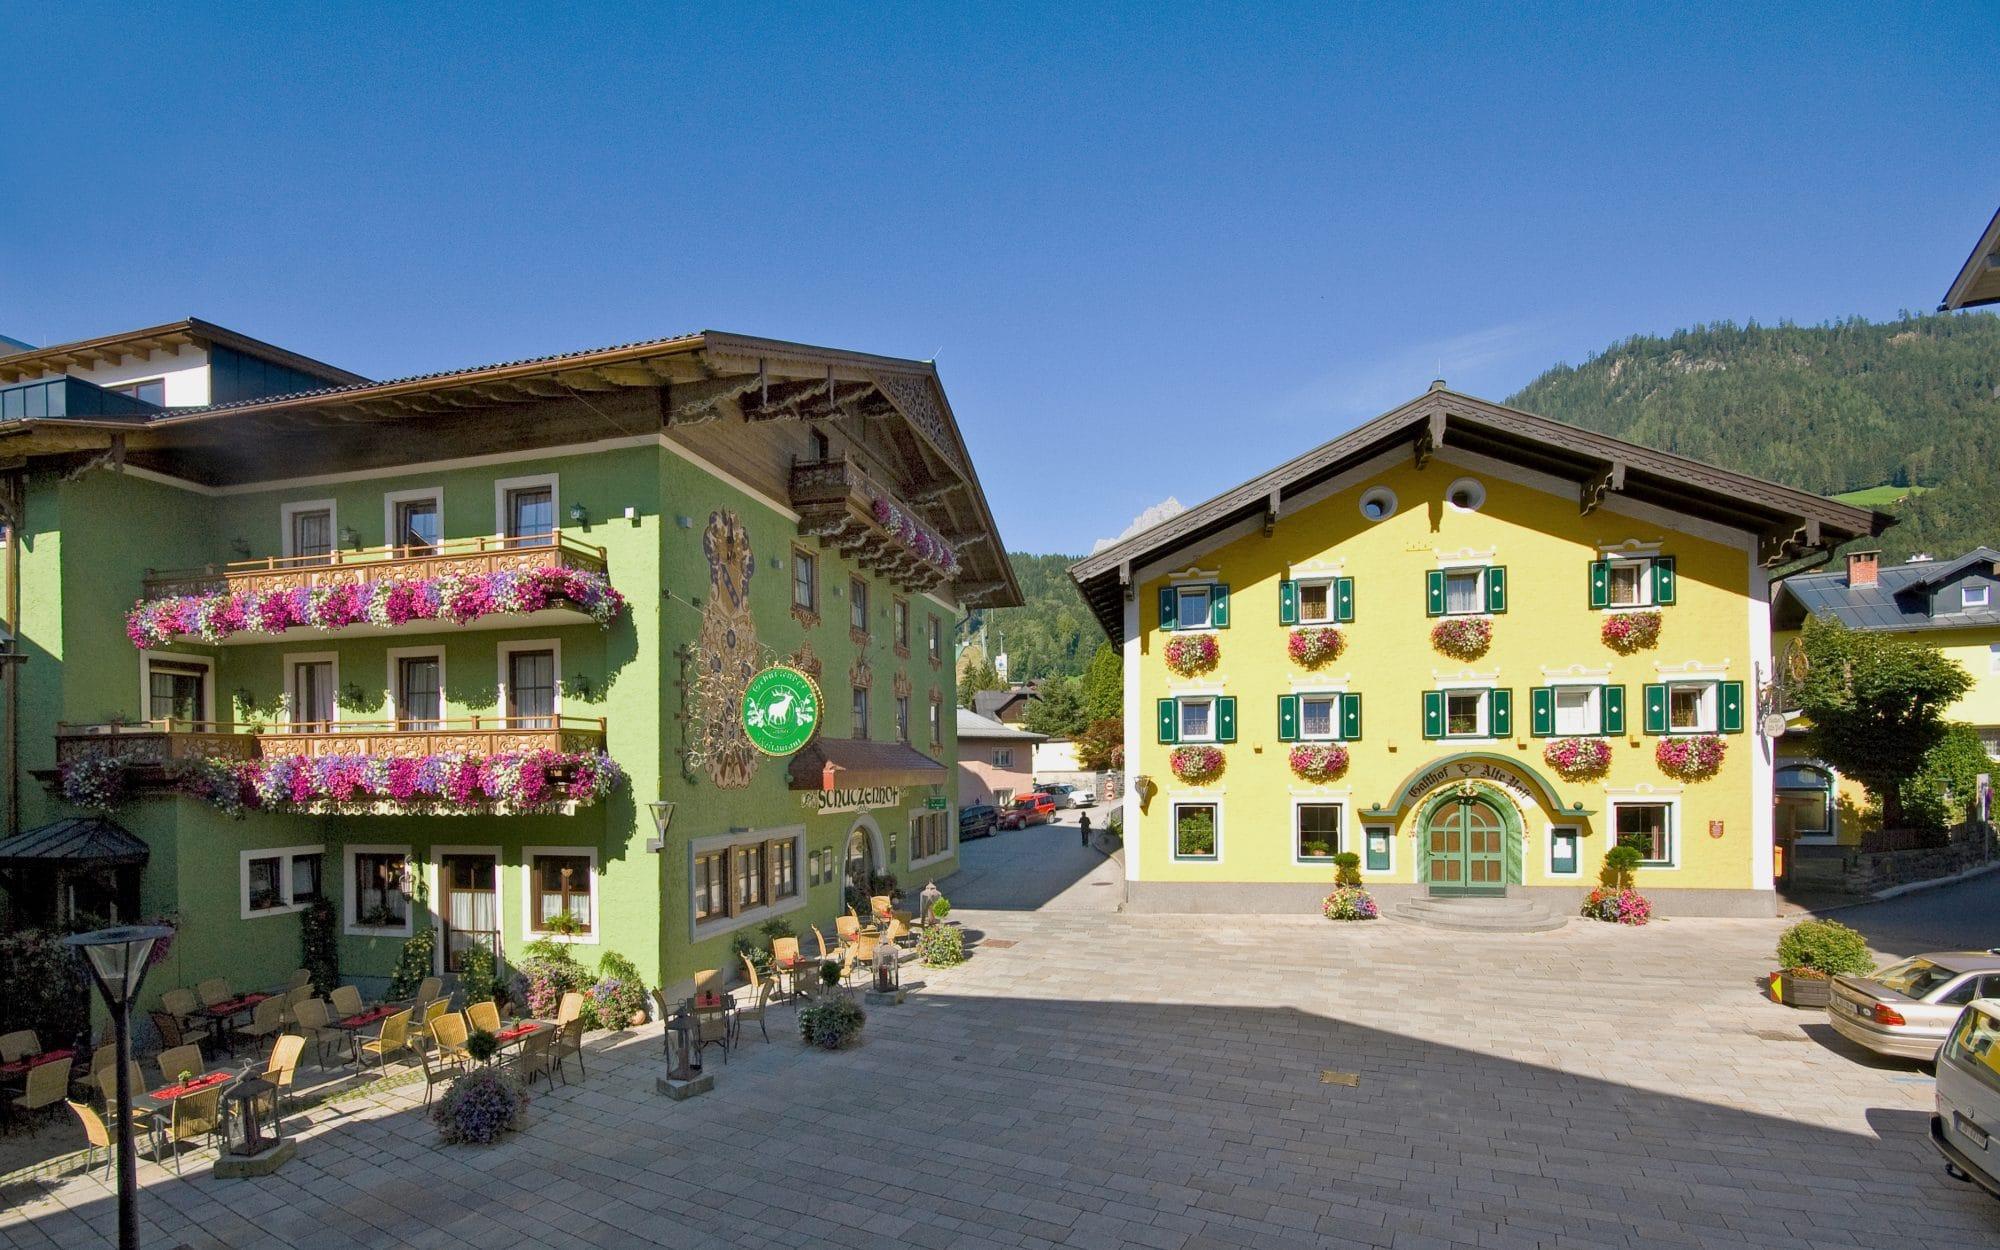 Gasthof Schutzenhof Hotel Alte Post Bischofshofen